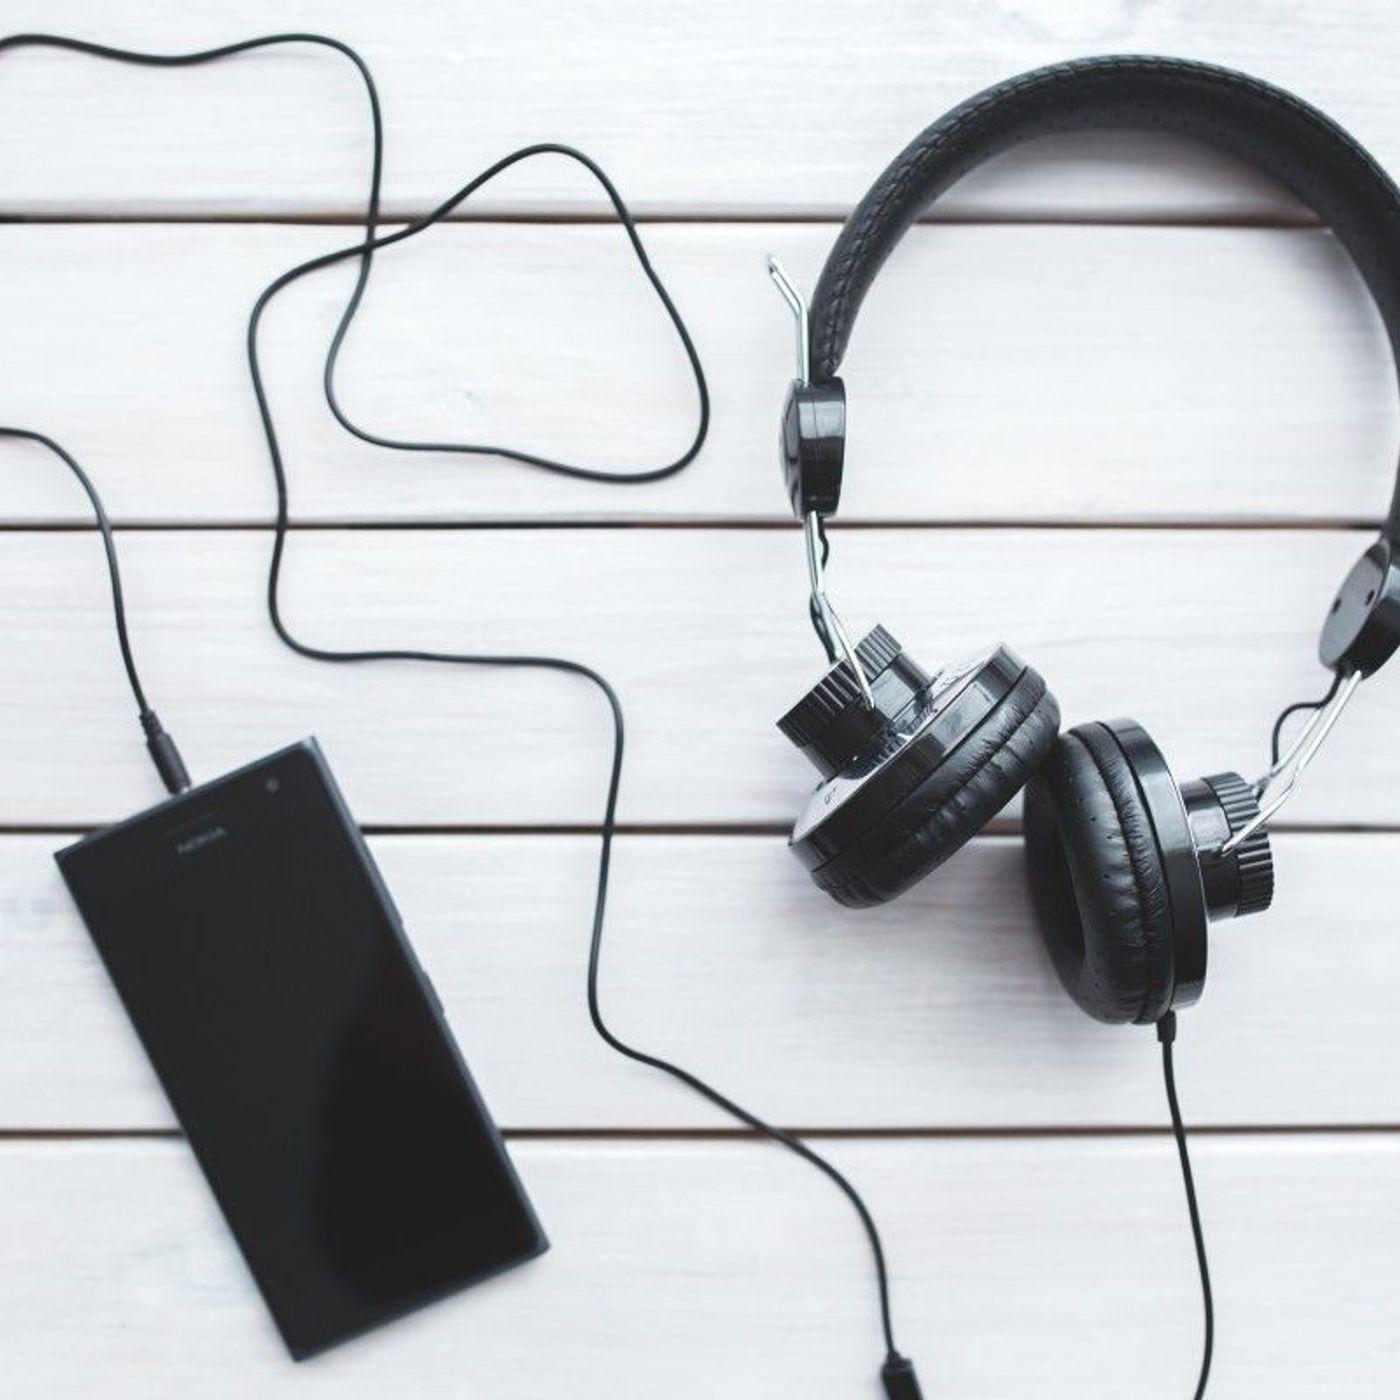 ATR MÚSICA - Más canciones para la cuarentena